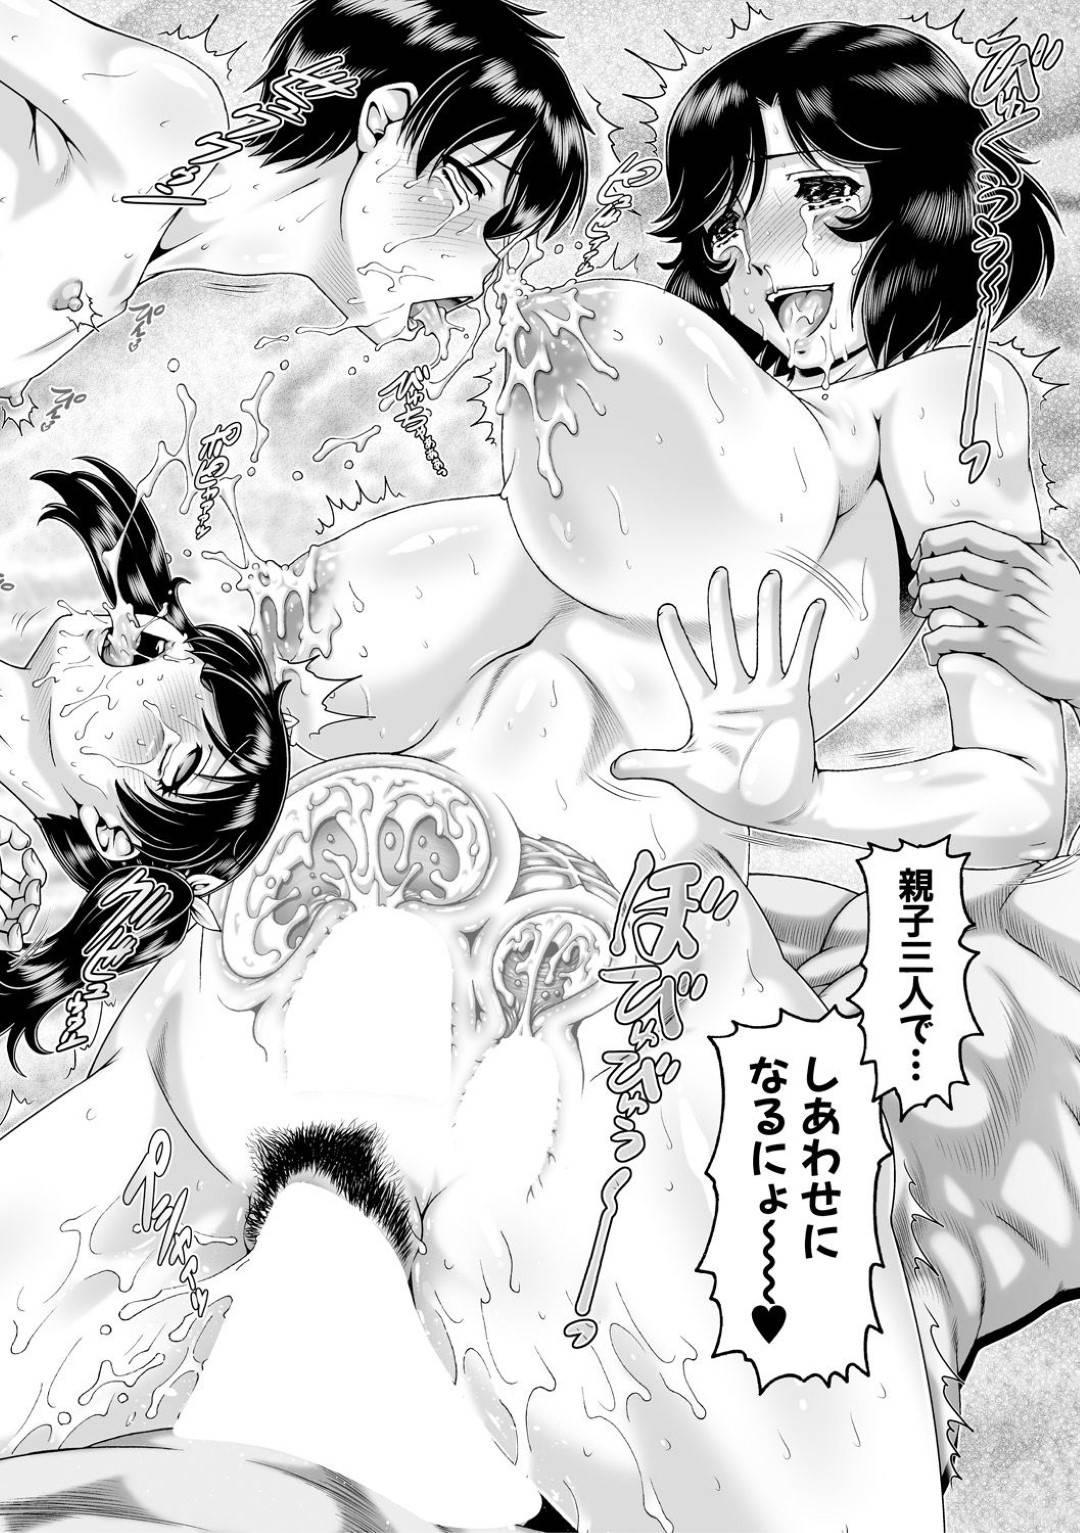 【エロ漫画】交通事故でボケてしまい洗ってくれる男にレイプされちゃう天然の人妻…バックで手コキされちゃったり中出しセックスされちゃってトロ顔になっちゃう!【TYPE.90:愛しい家族のNTR】